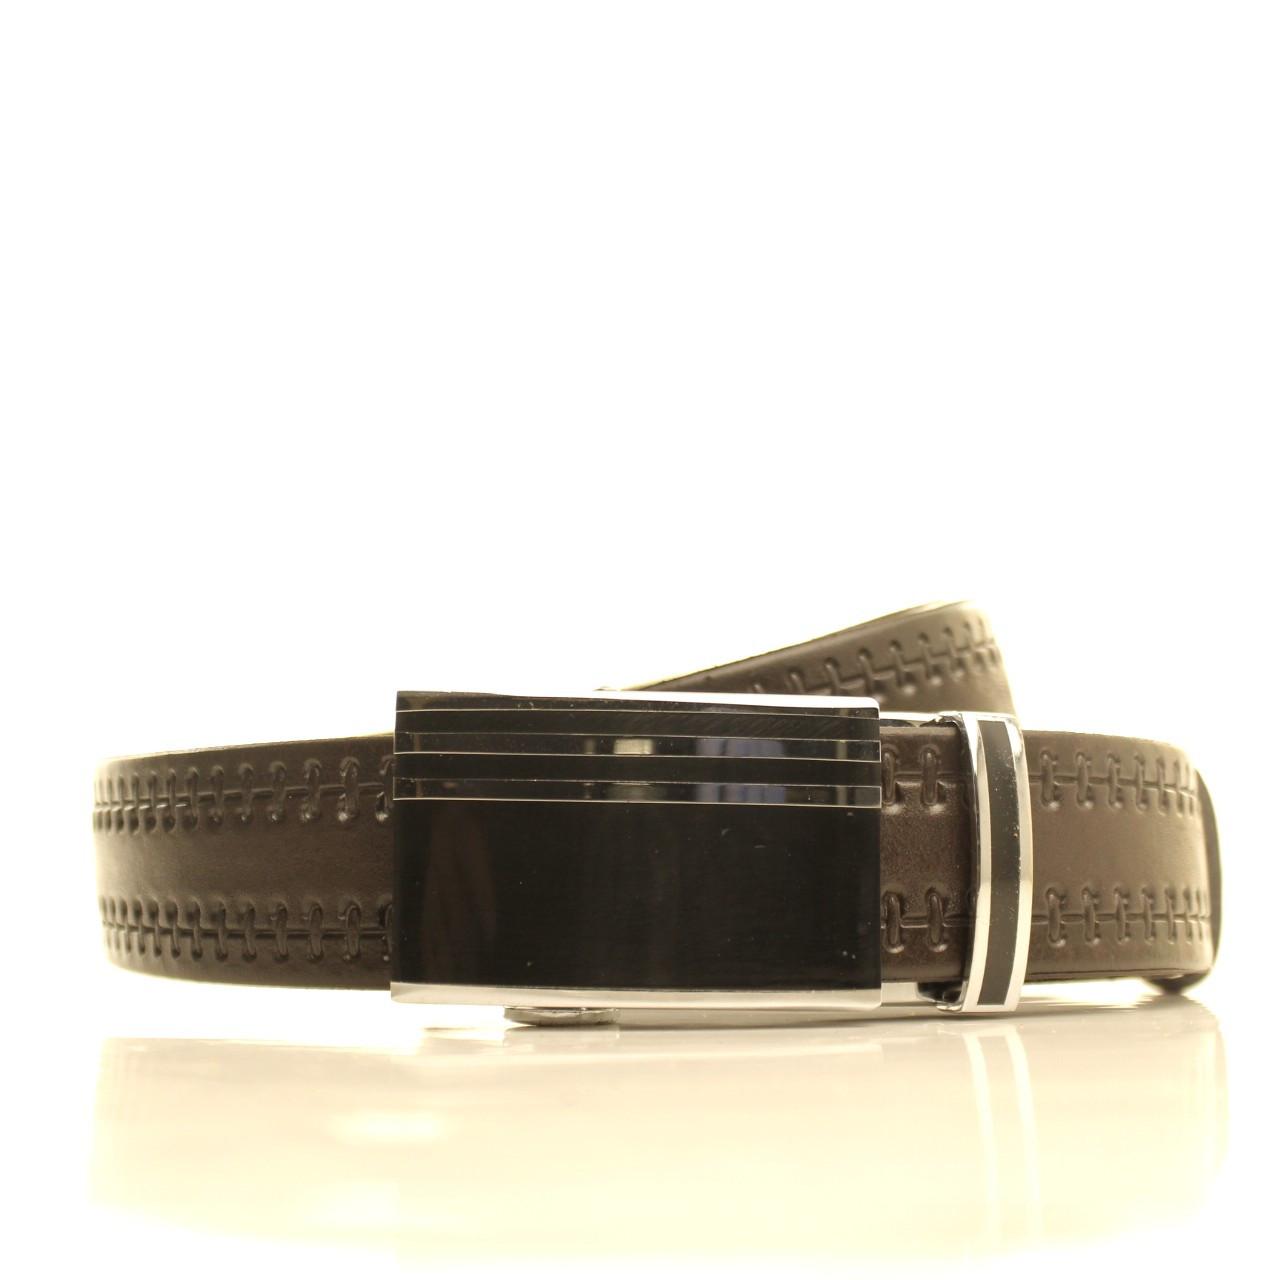 Ремень кожаный Lazar 105-115 см коричневый l35u1a116